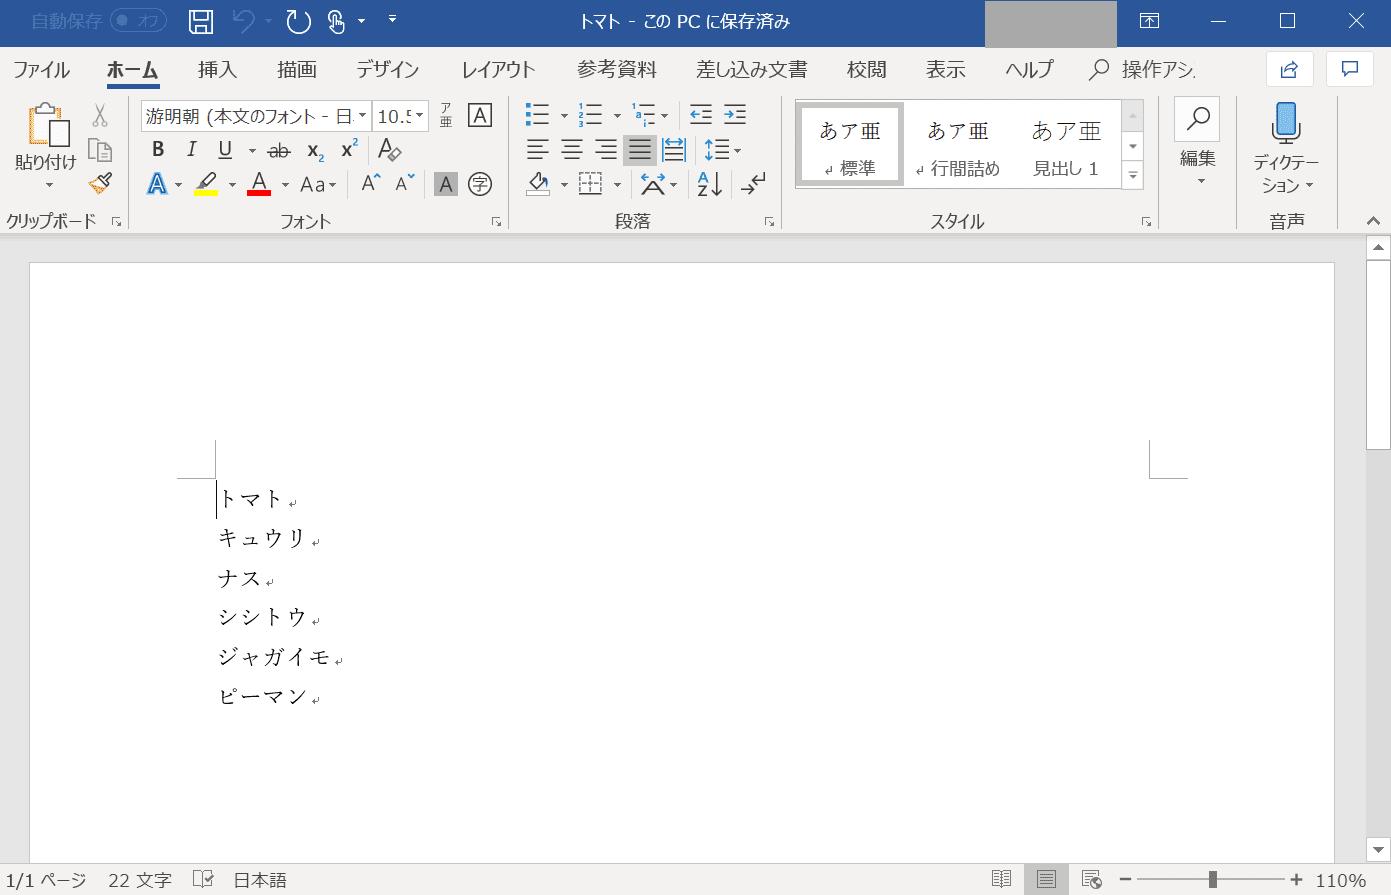 ページが閉じる